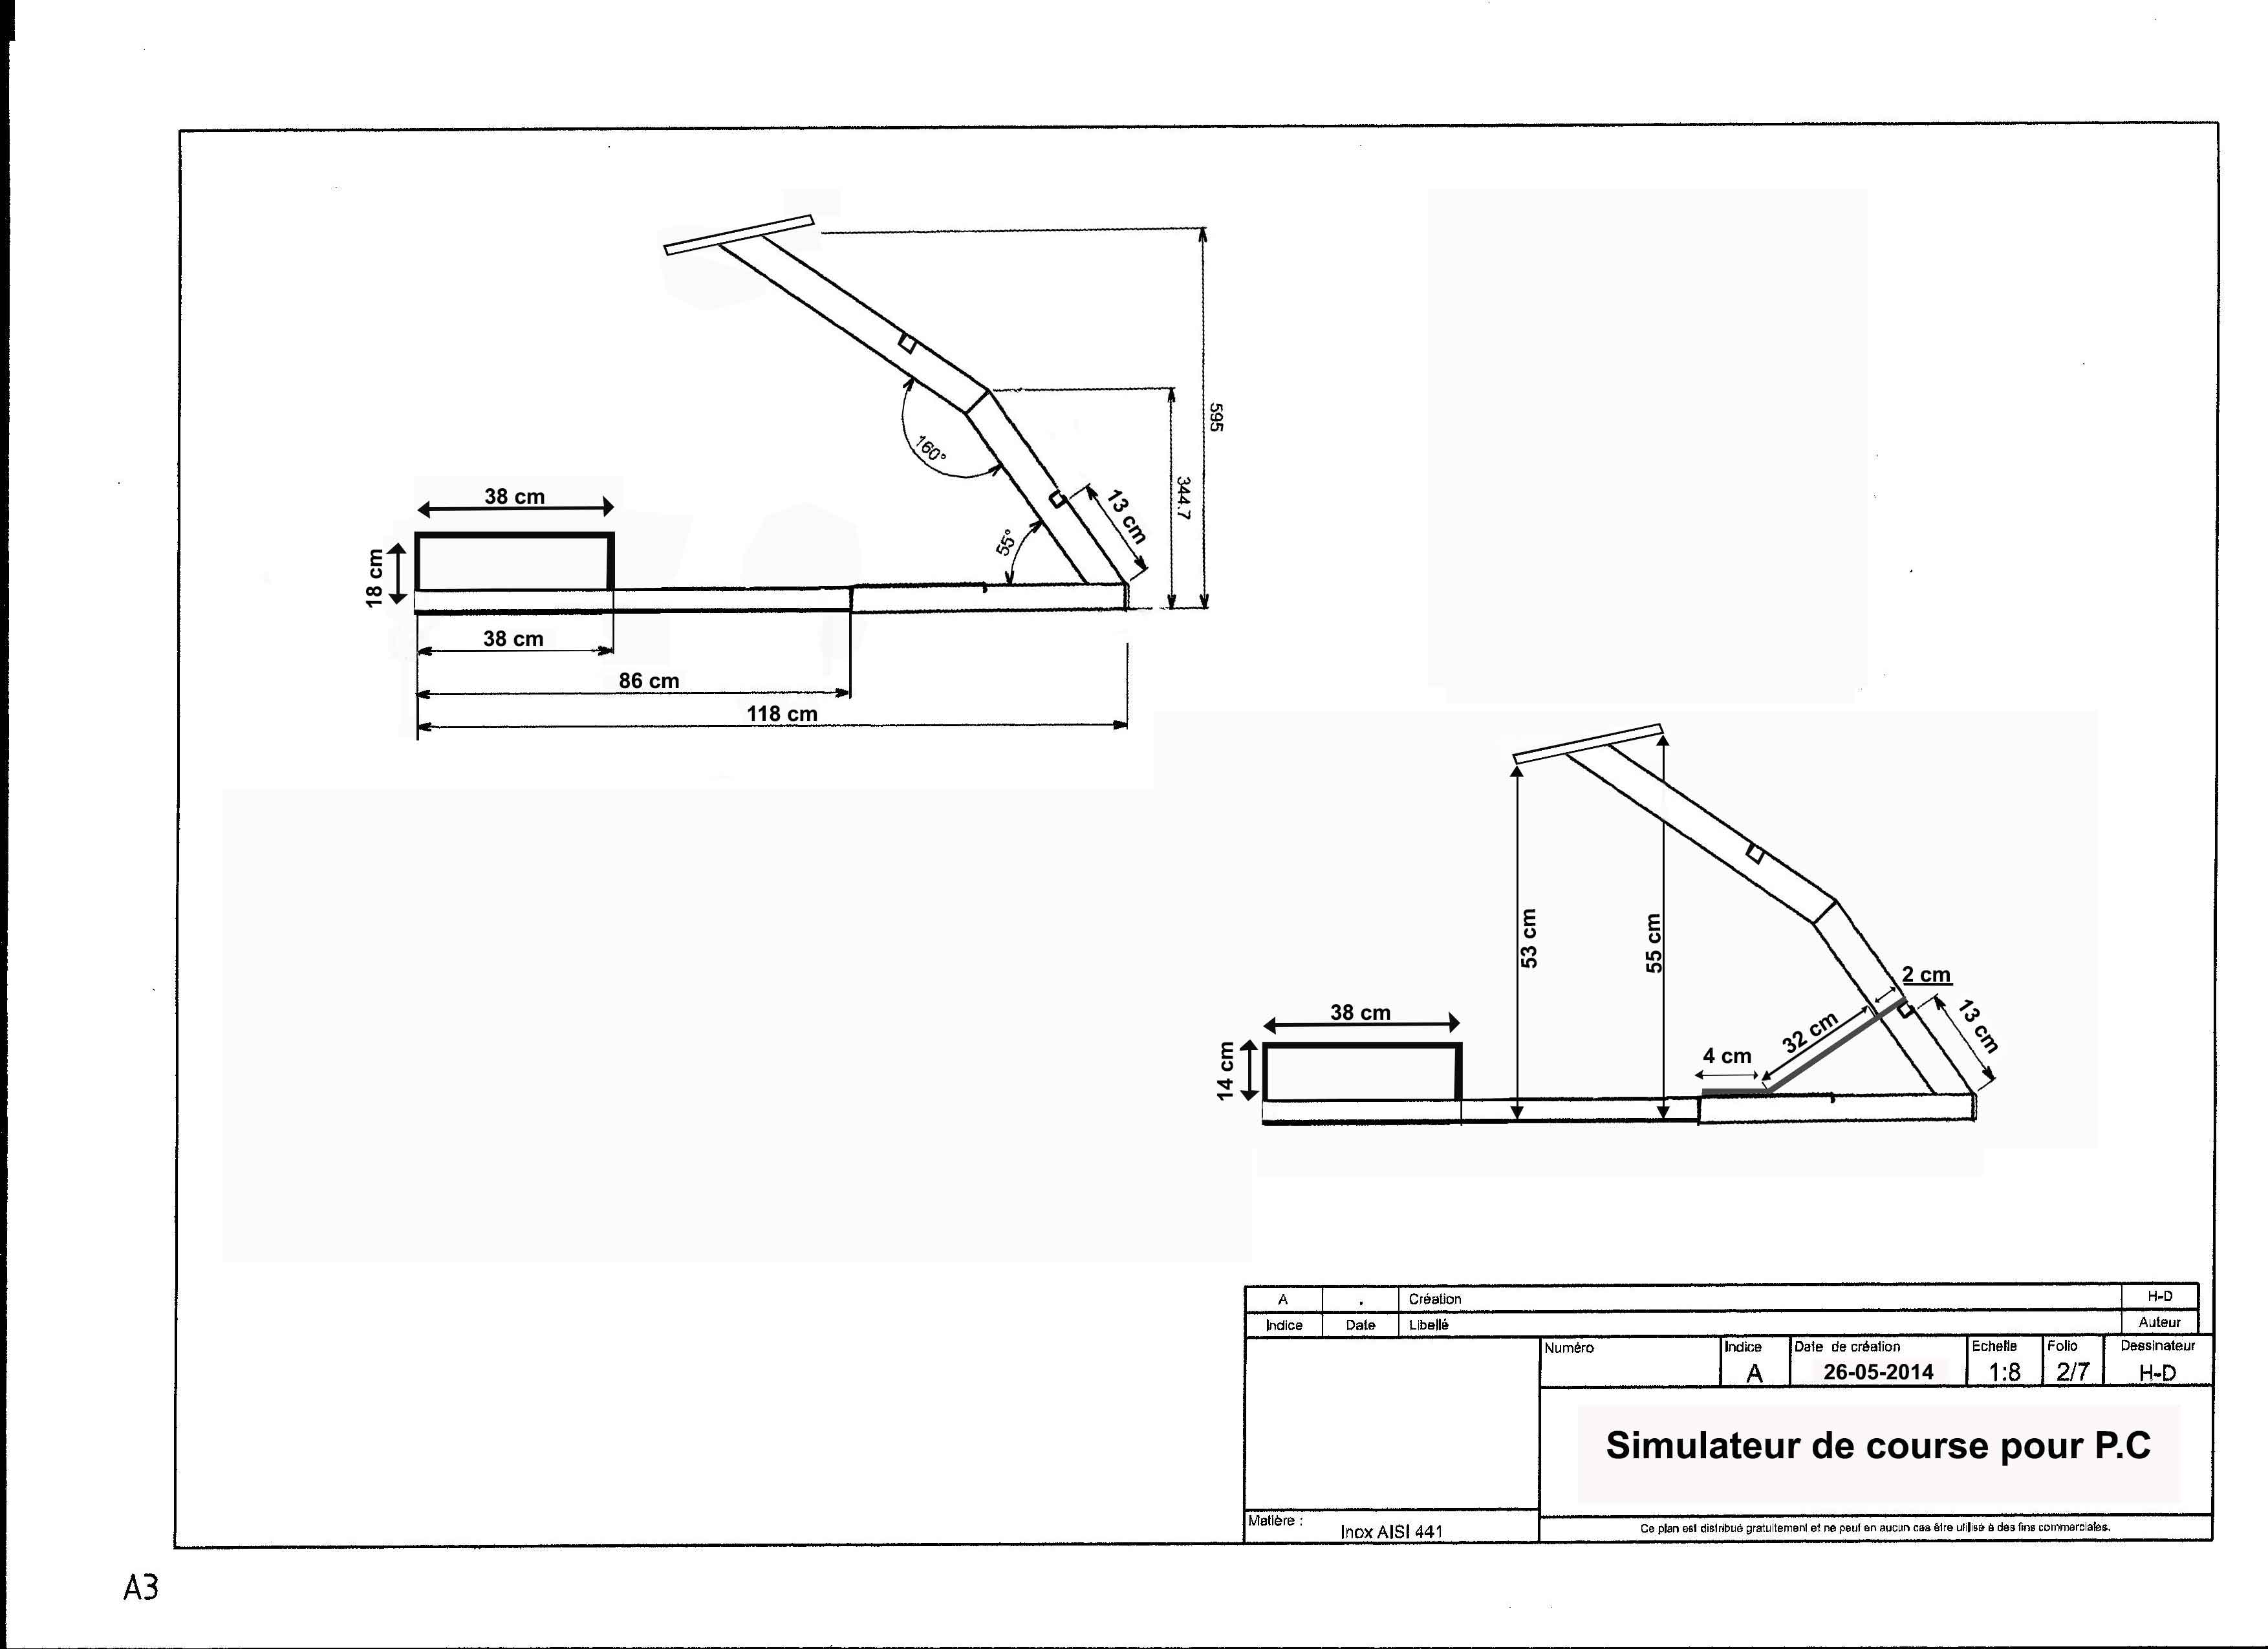 Racingfr Gt Mon Projet Simulateur Dynamique Frex Like De